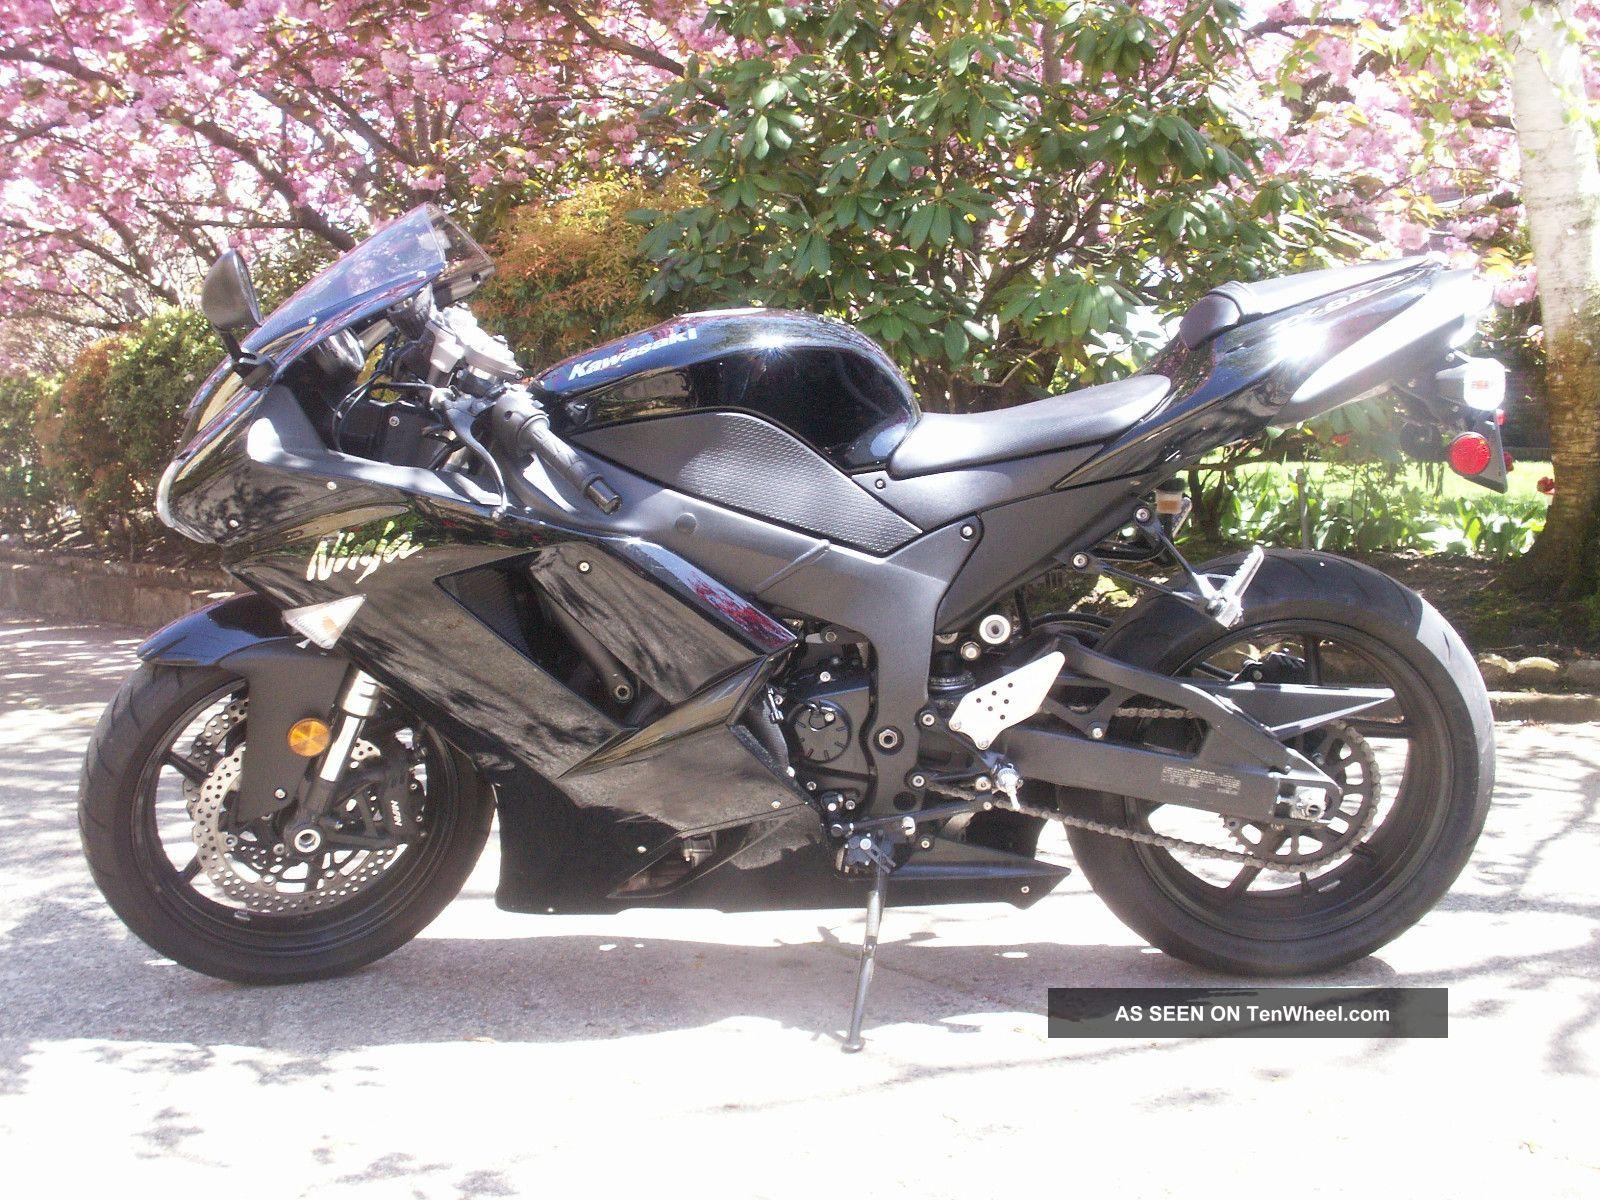 2007 Kawasaki Ninja Zx - 6r Ninja photo